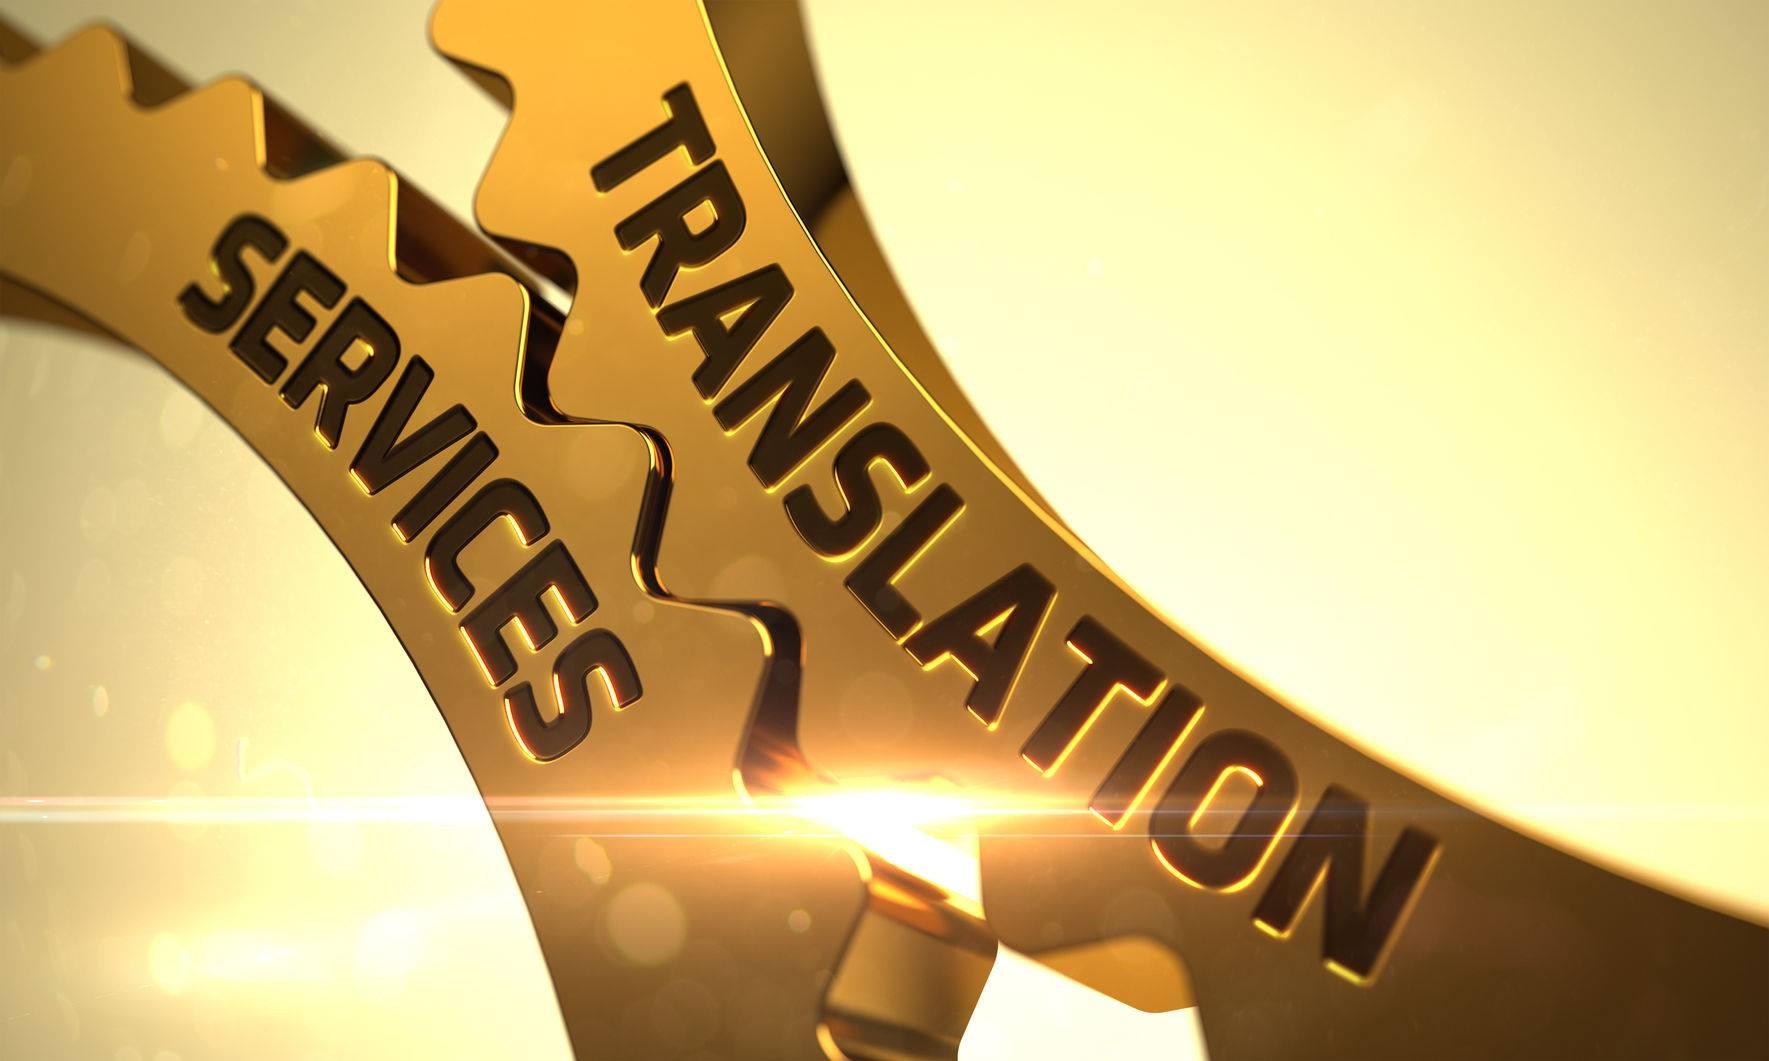 แปลภาษา มีบริการอื่นอีกหรือไม่